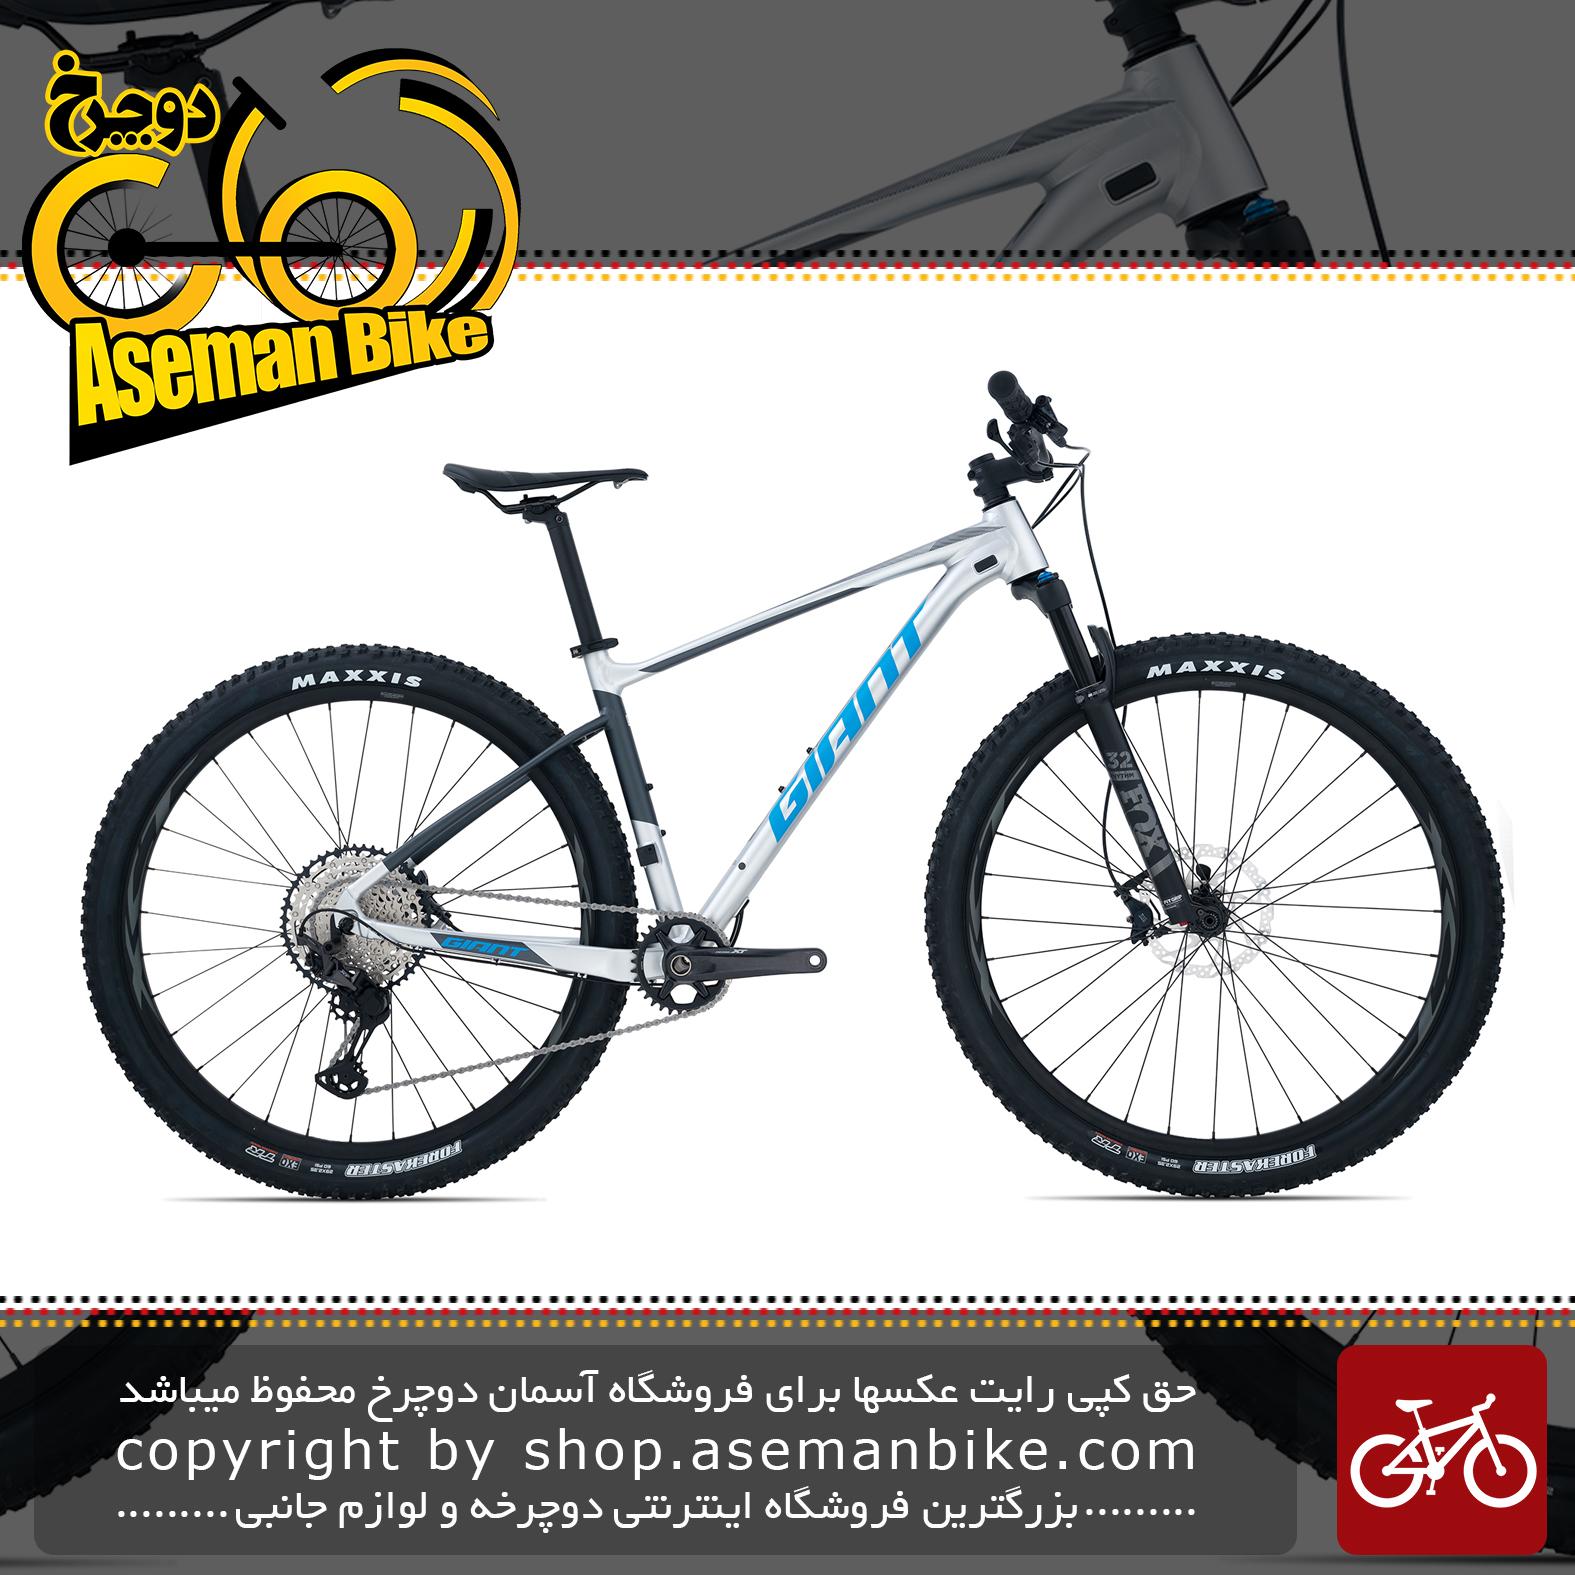 دوچرخه کوهستان جاینت مدل فدم 29 اینچ جی ای 2020 Giant Mountain Bicycle Fathom 29 (GE) 2020